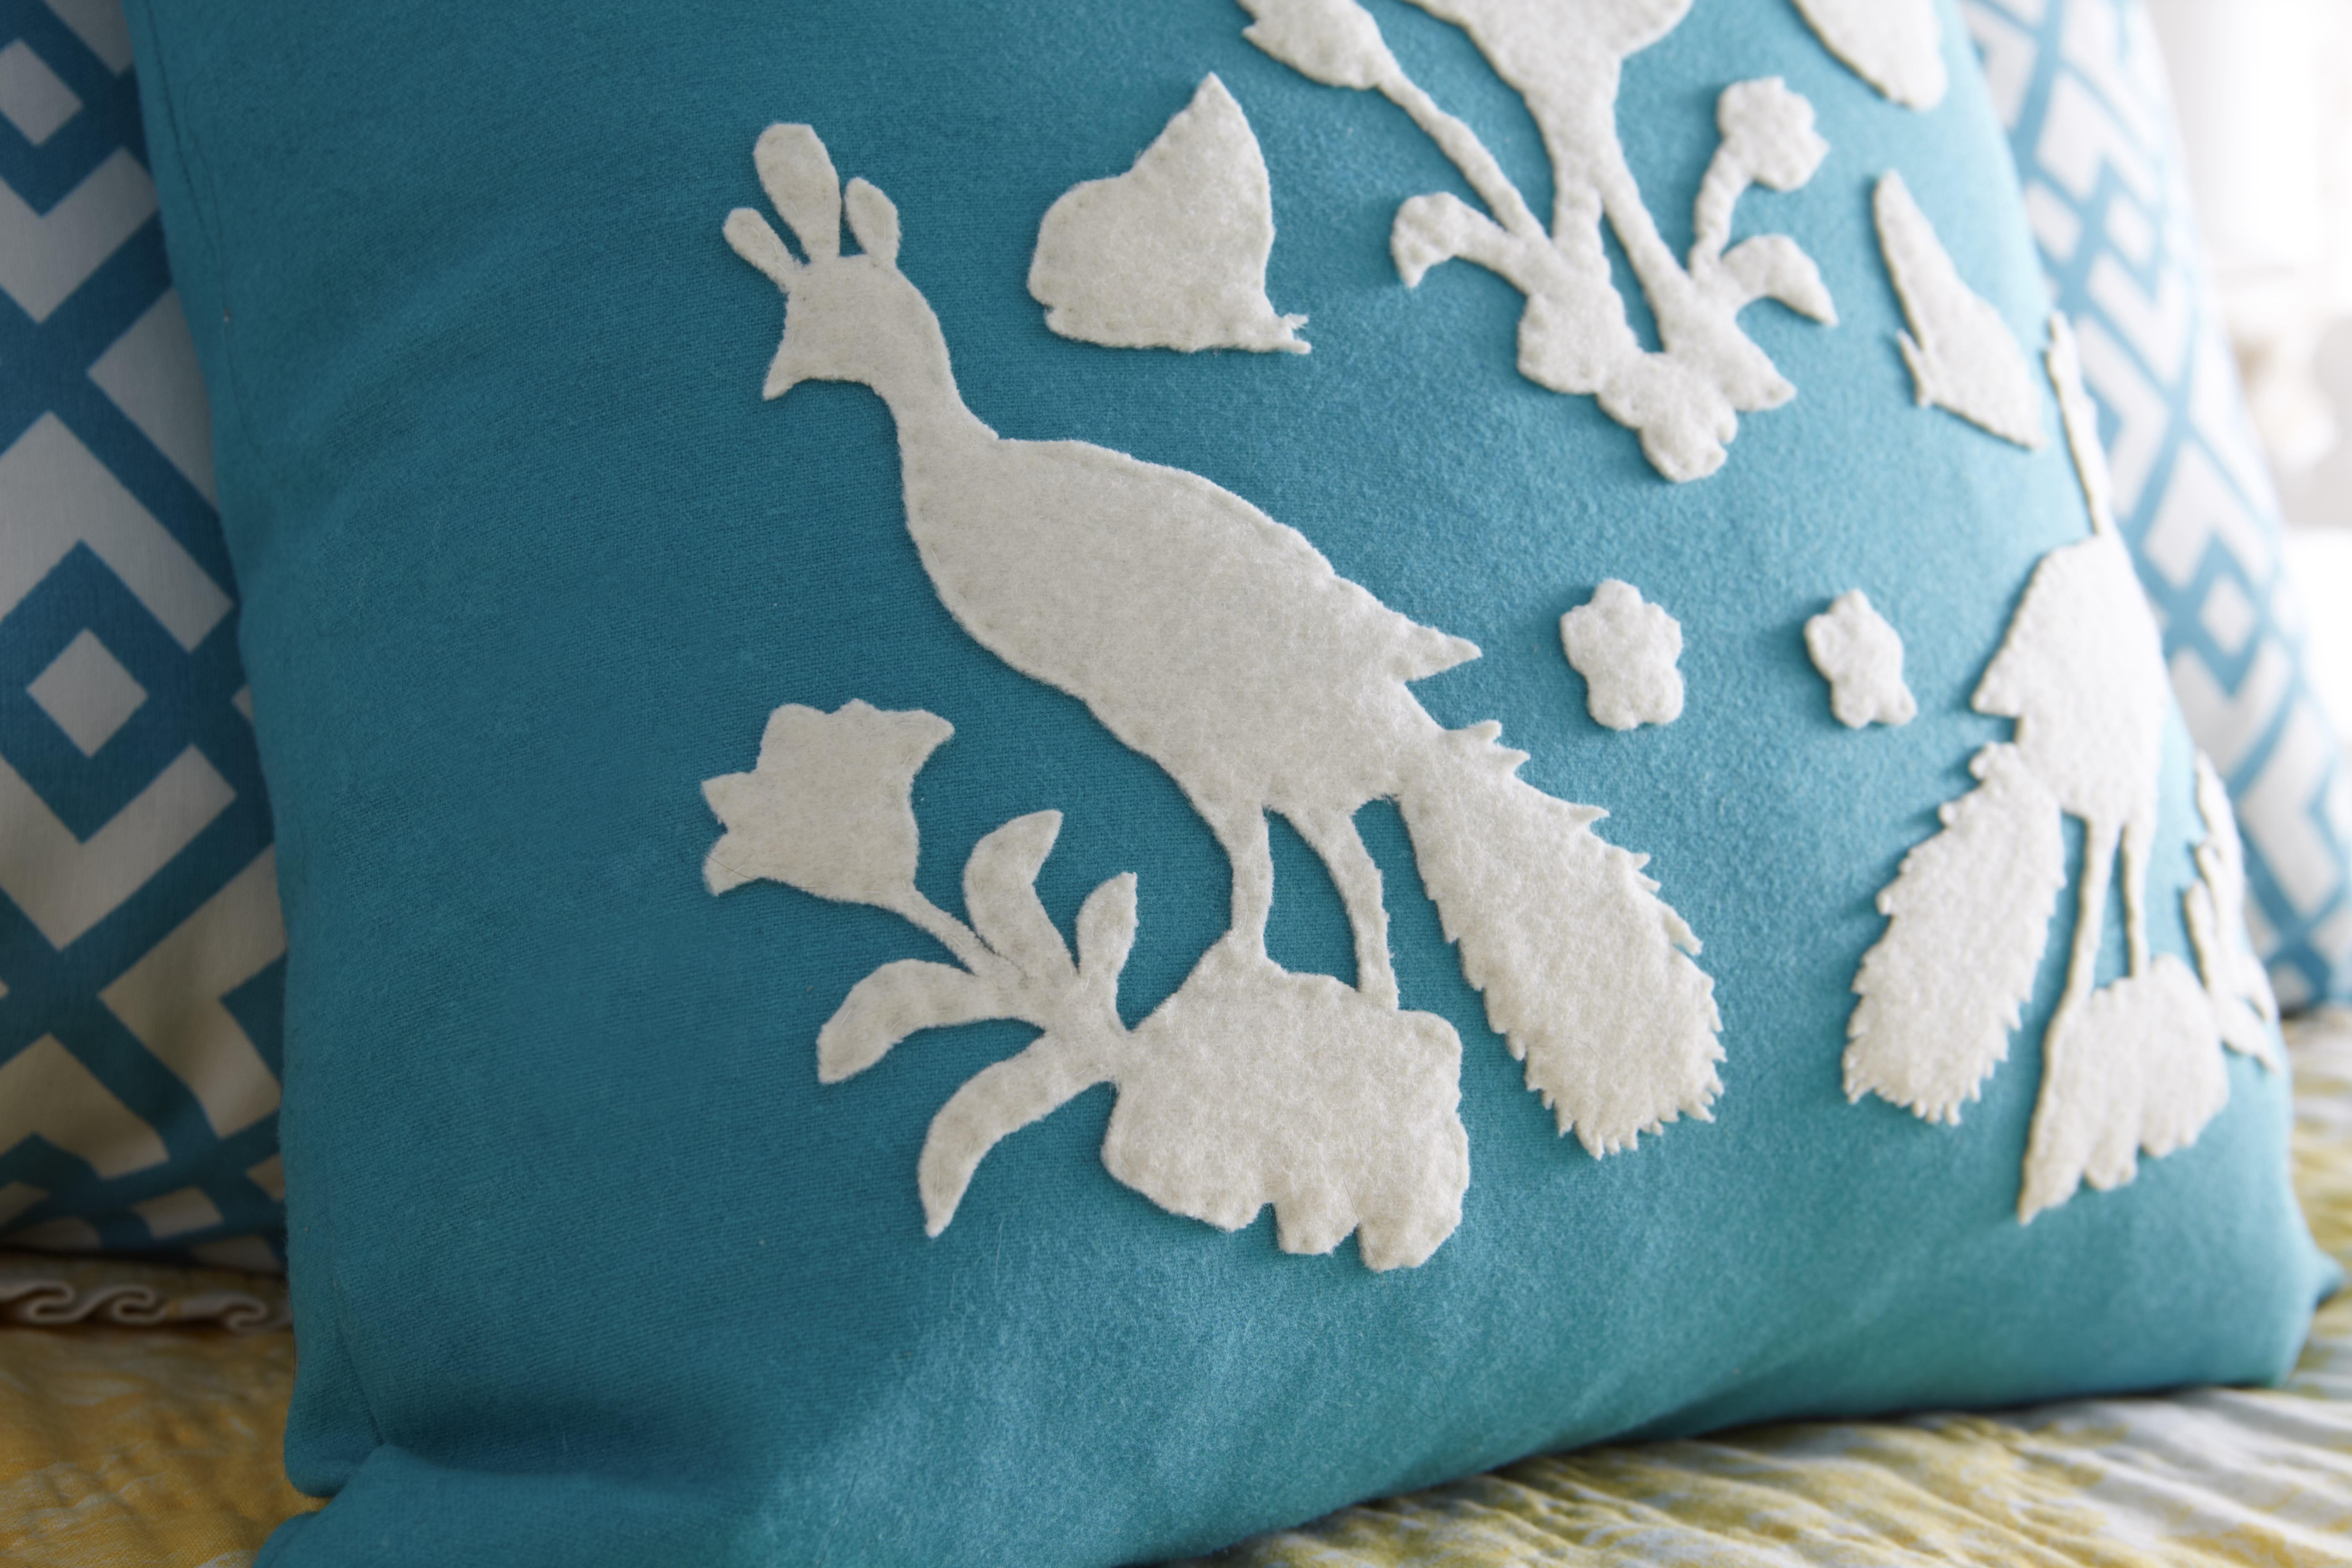 Close Up Applique Felt PIllow - Paper Pillow: Felt Appliqué From a Wallpaper Template